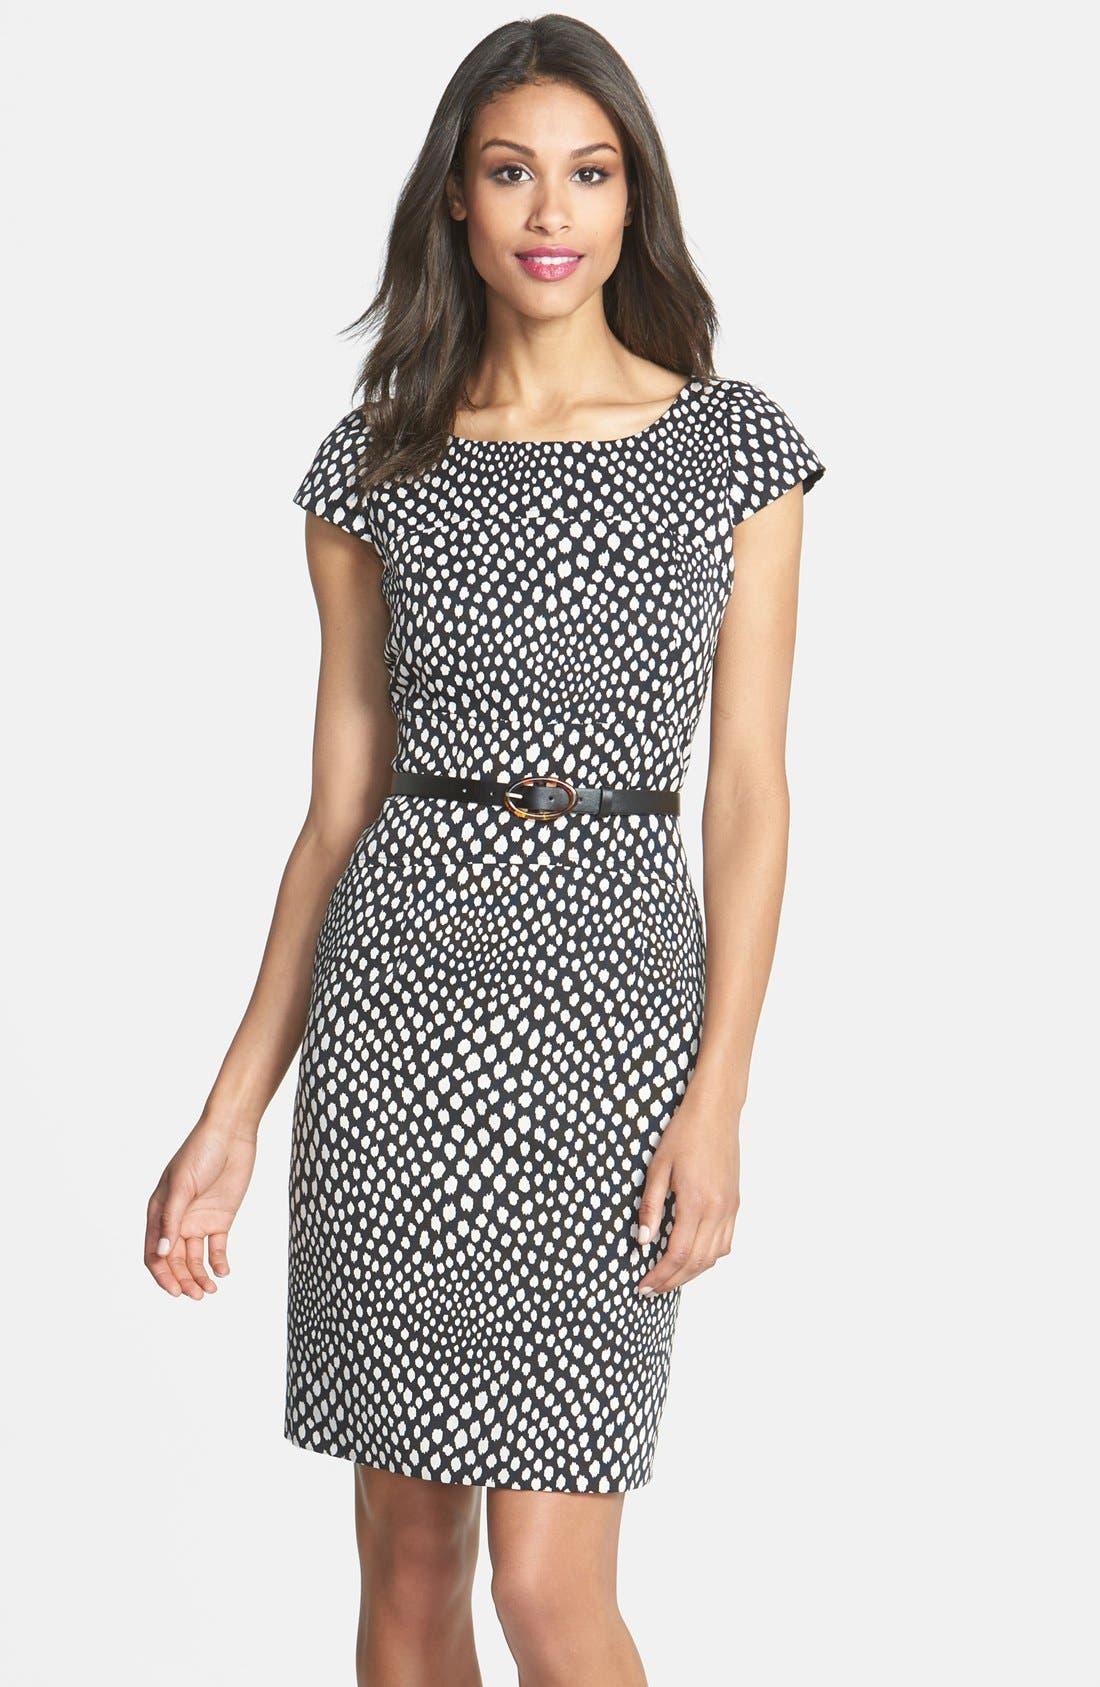 Alternate Image 1 Selected - Tahari Belted Print Sheath Dress (Petite)